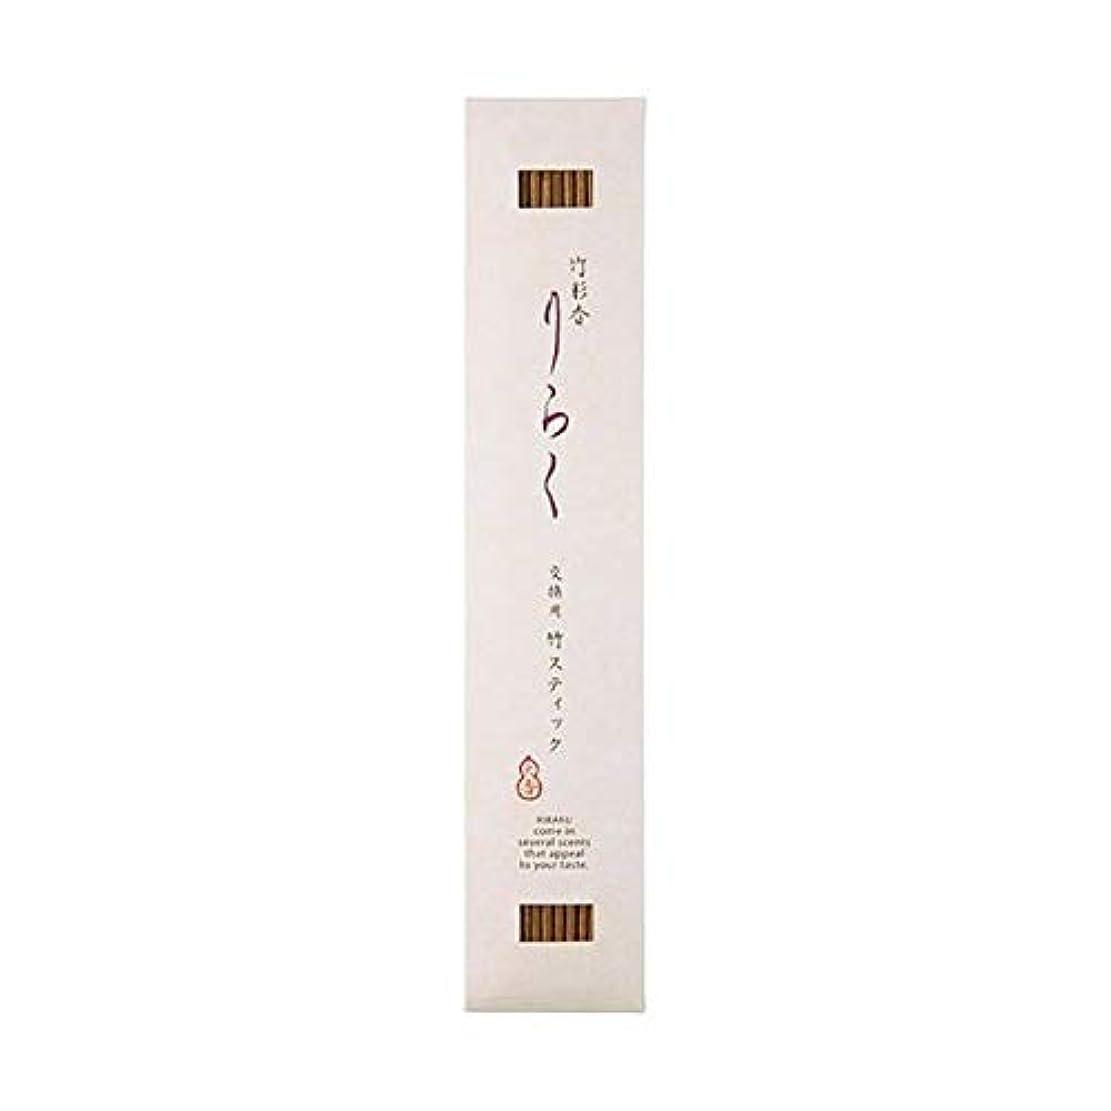 部分的ステージ多用途竹彩香りらく 交換用竹スティック白檀の色 10本